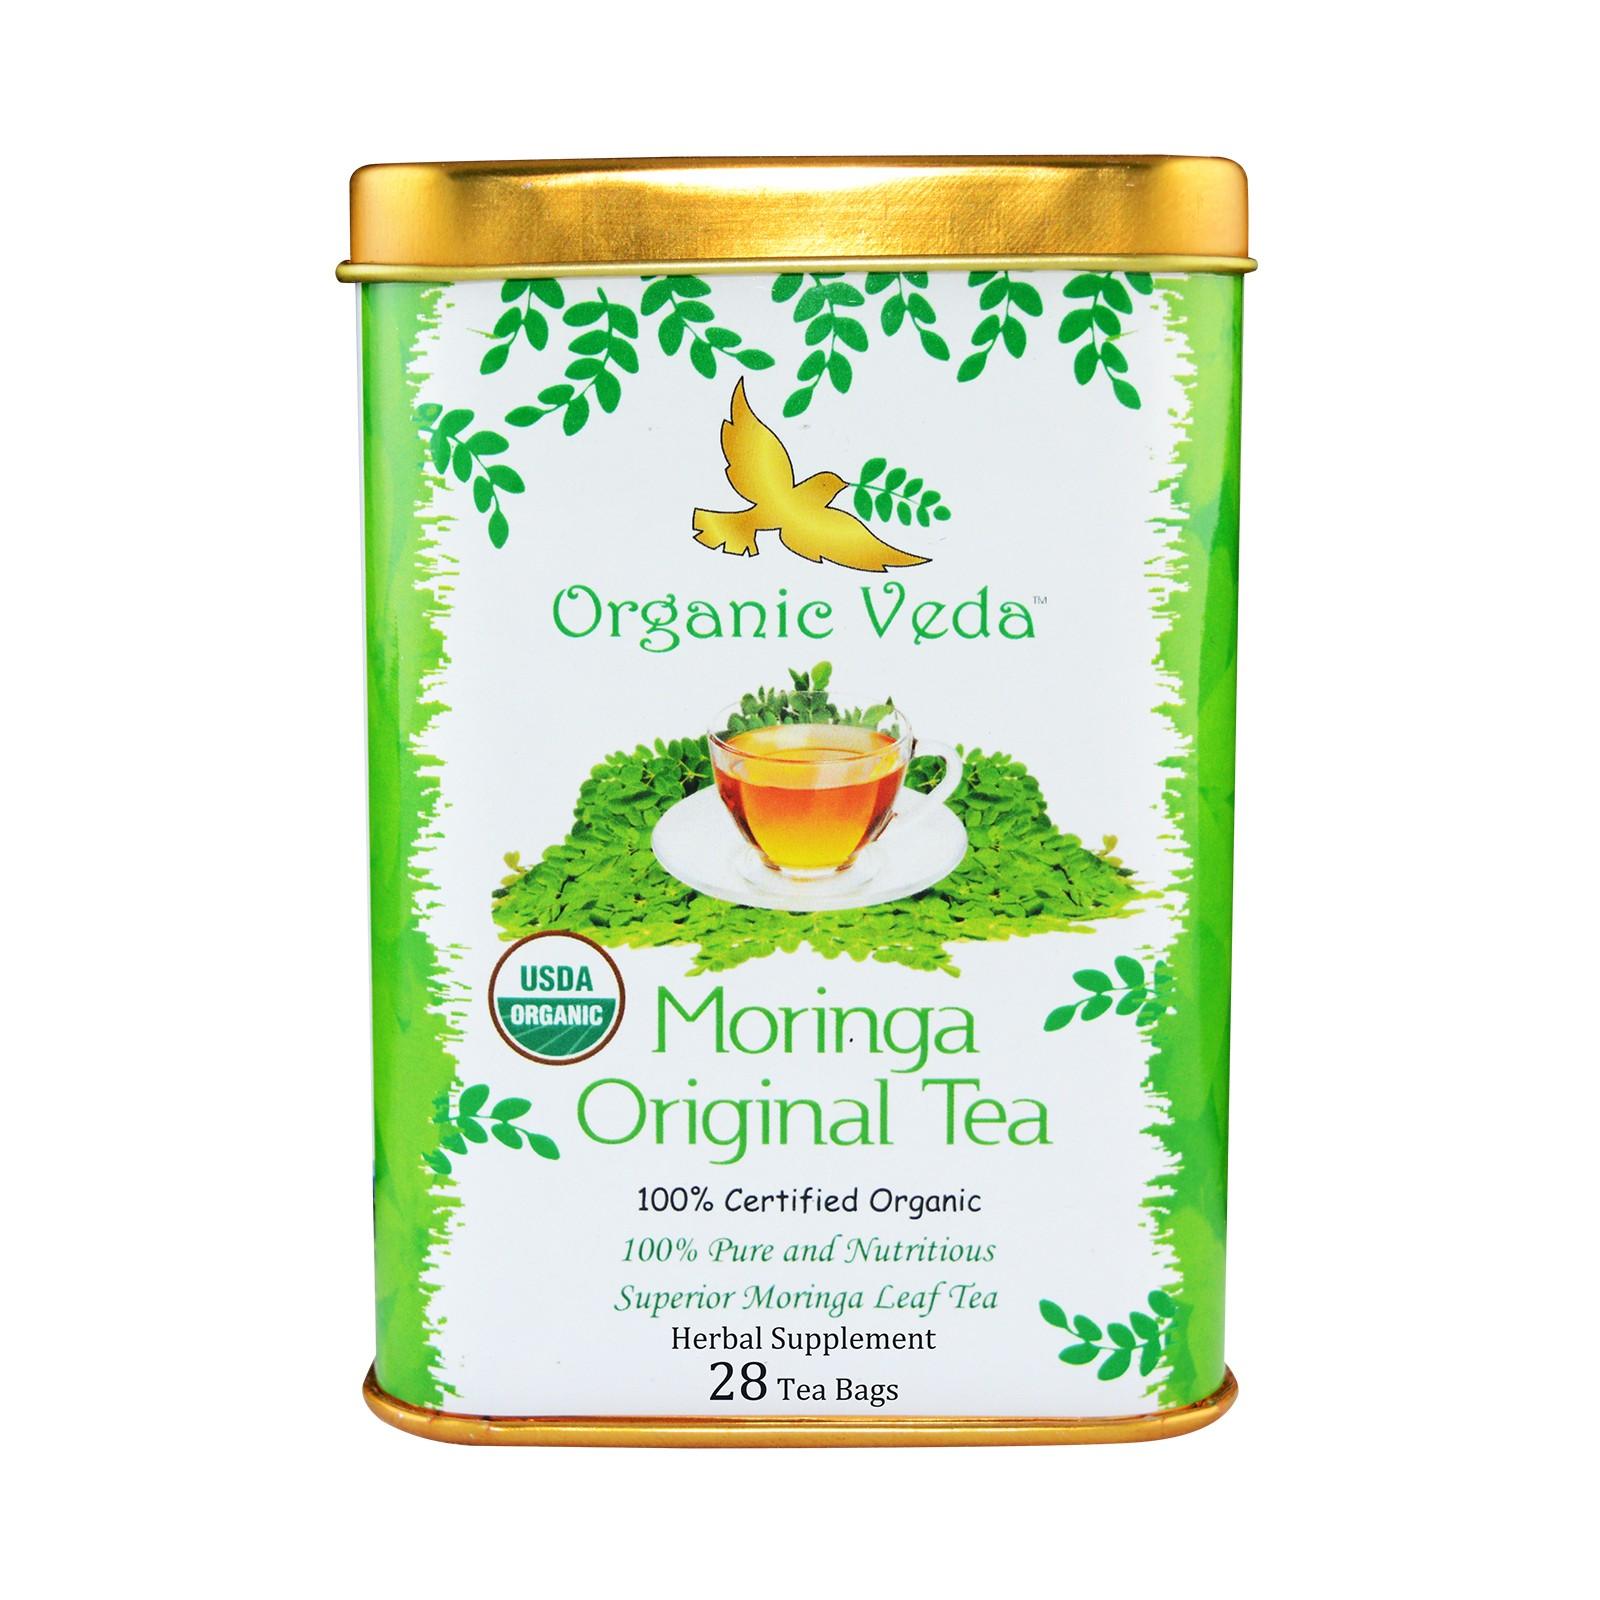 Organic Veda Moringa Original Tea Bags